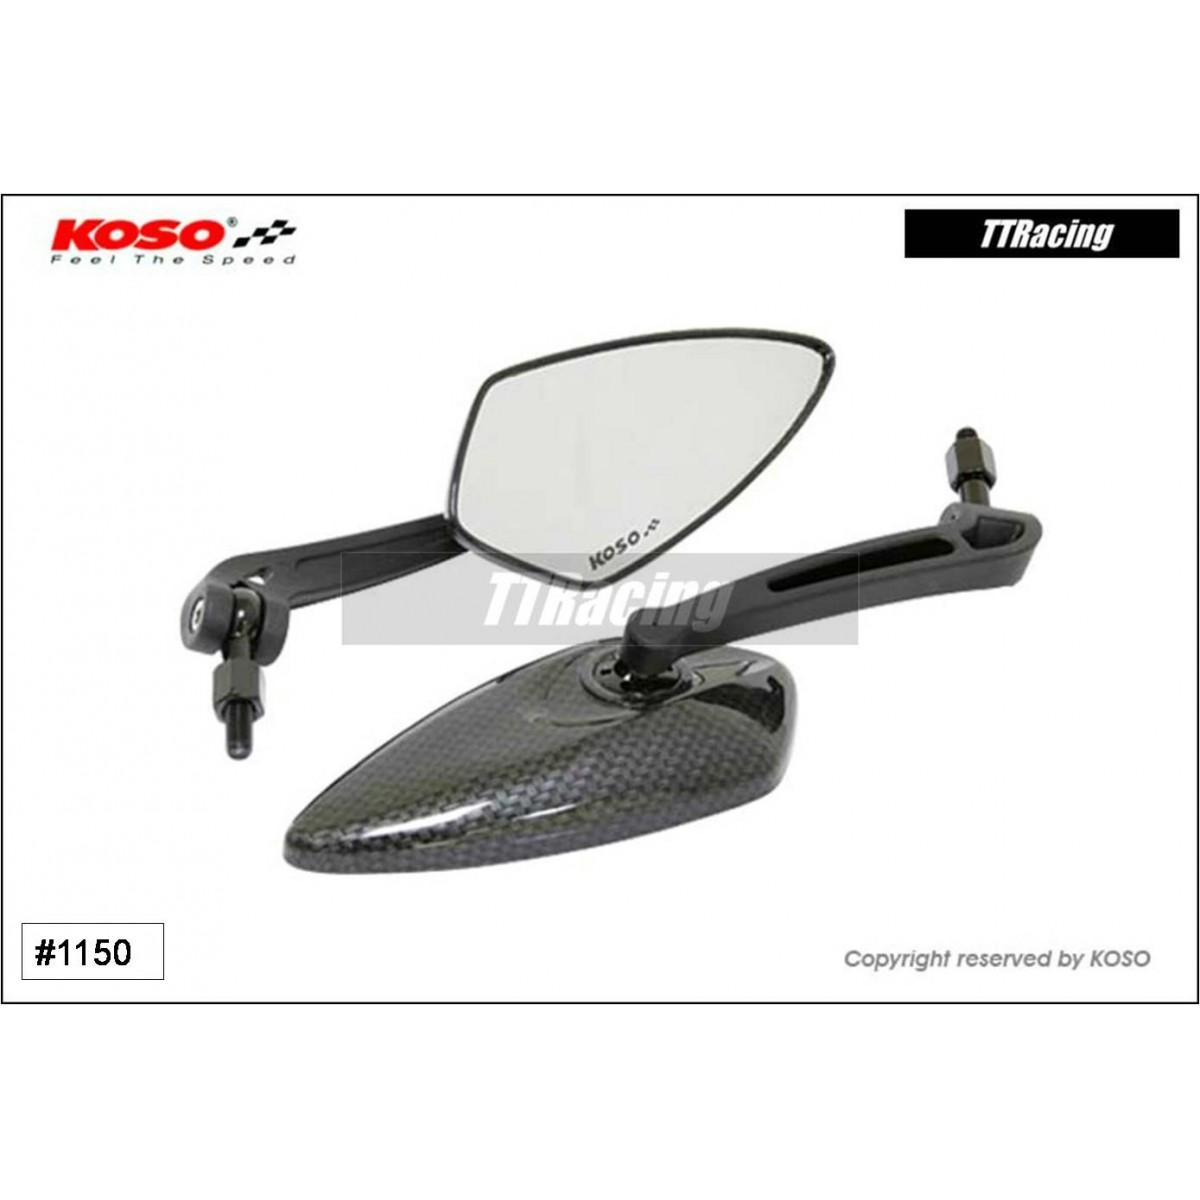 Espelho retrovisor KOSO BLADE M10 LENTE CLARA  - T & T Soluções